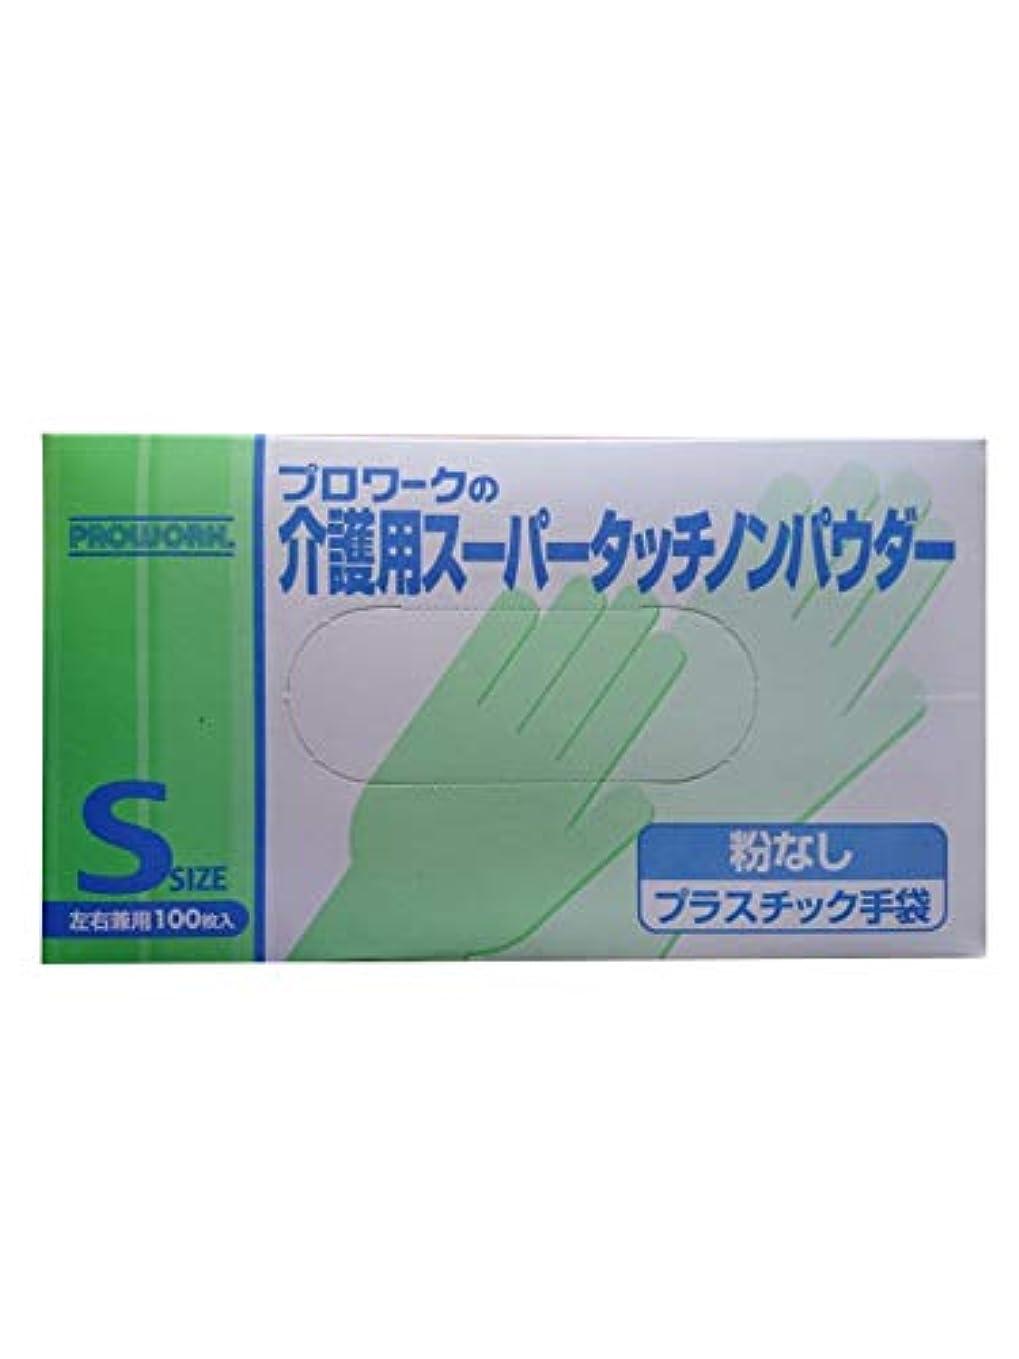 楽観的後世ラッカス介護用スーパータッチノンパウダー プラスチック手袋 粉なし Sサイズ 左右兼用100枚入